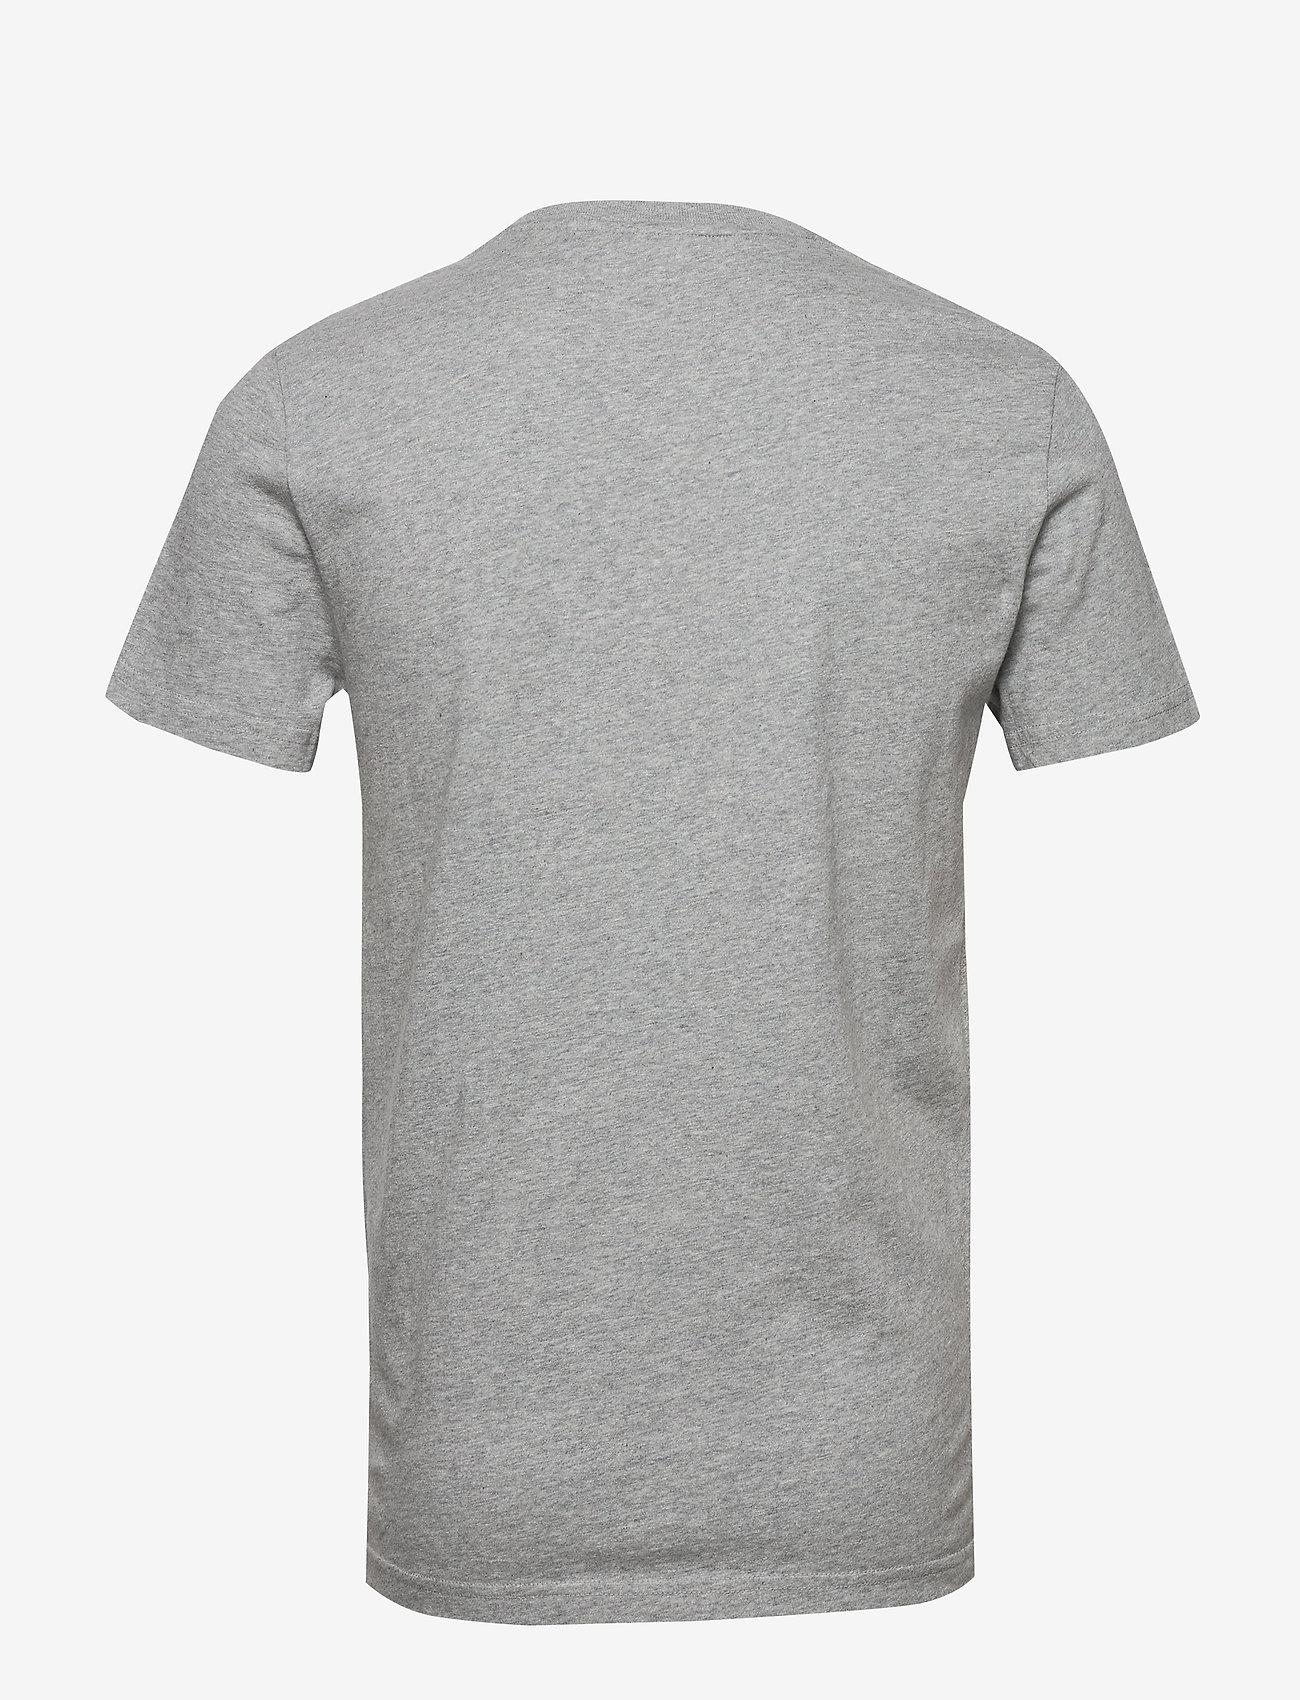 Superdry Dry Goods Pocket Tee - T-skjorter GREY MARL - Menn Klær